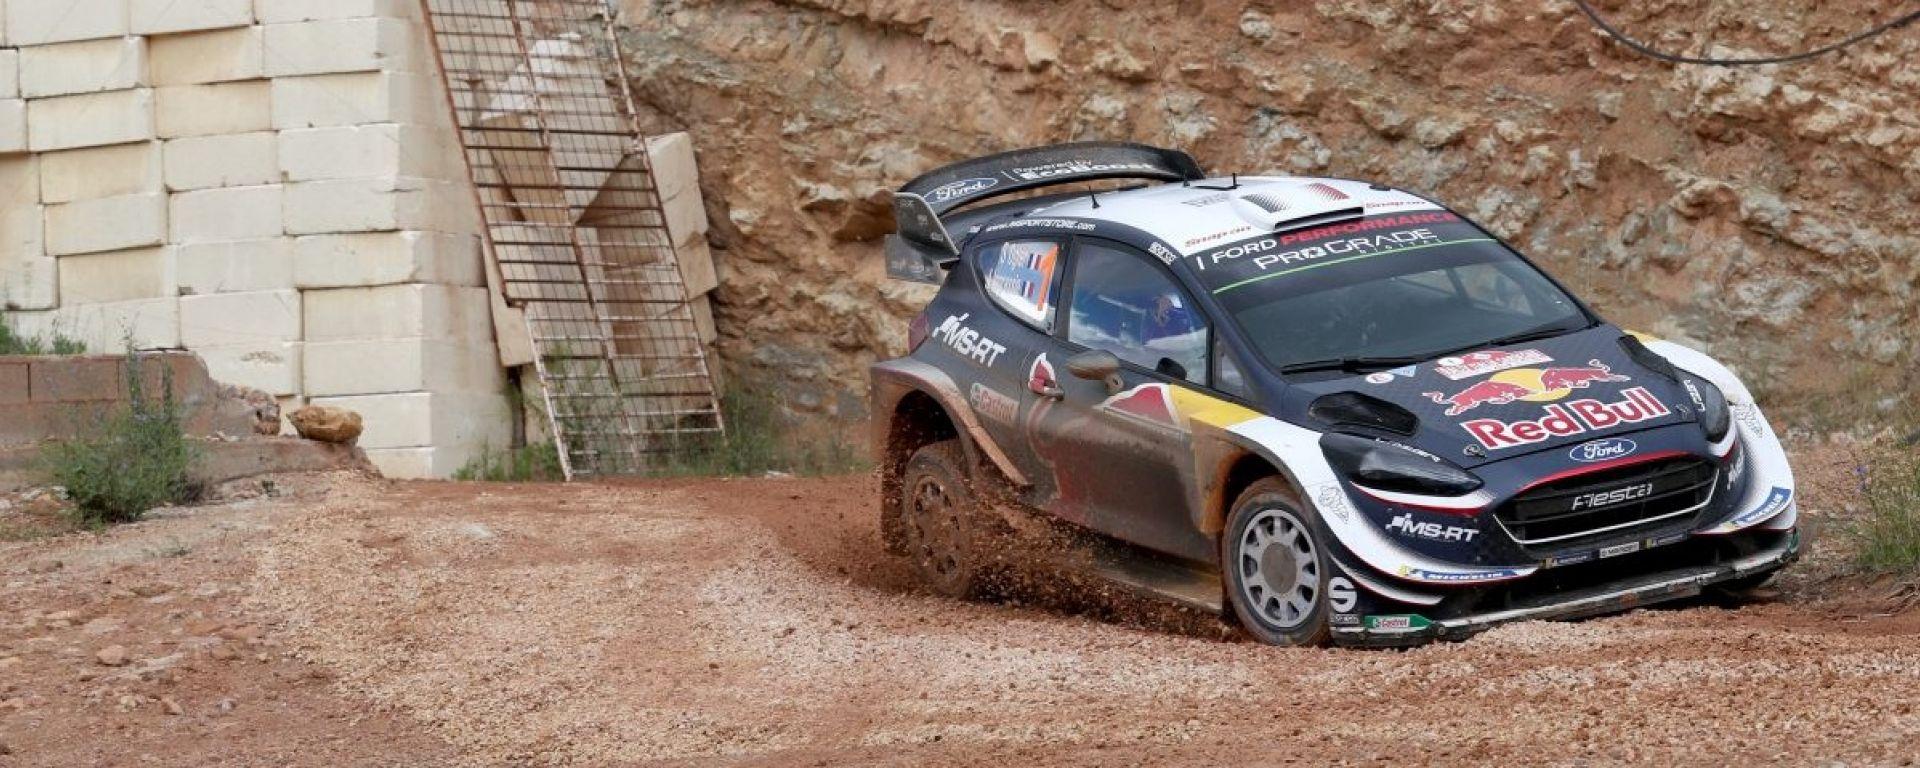 WRC 2018, Rally Sardegna: Ogier in testa nella prima giornata